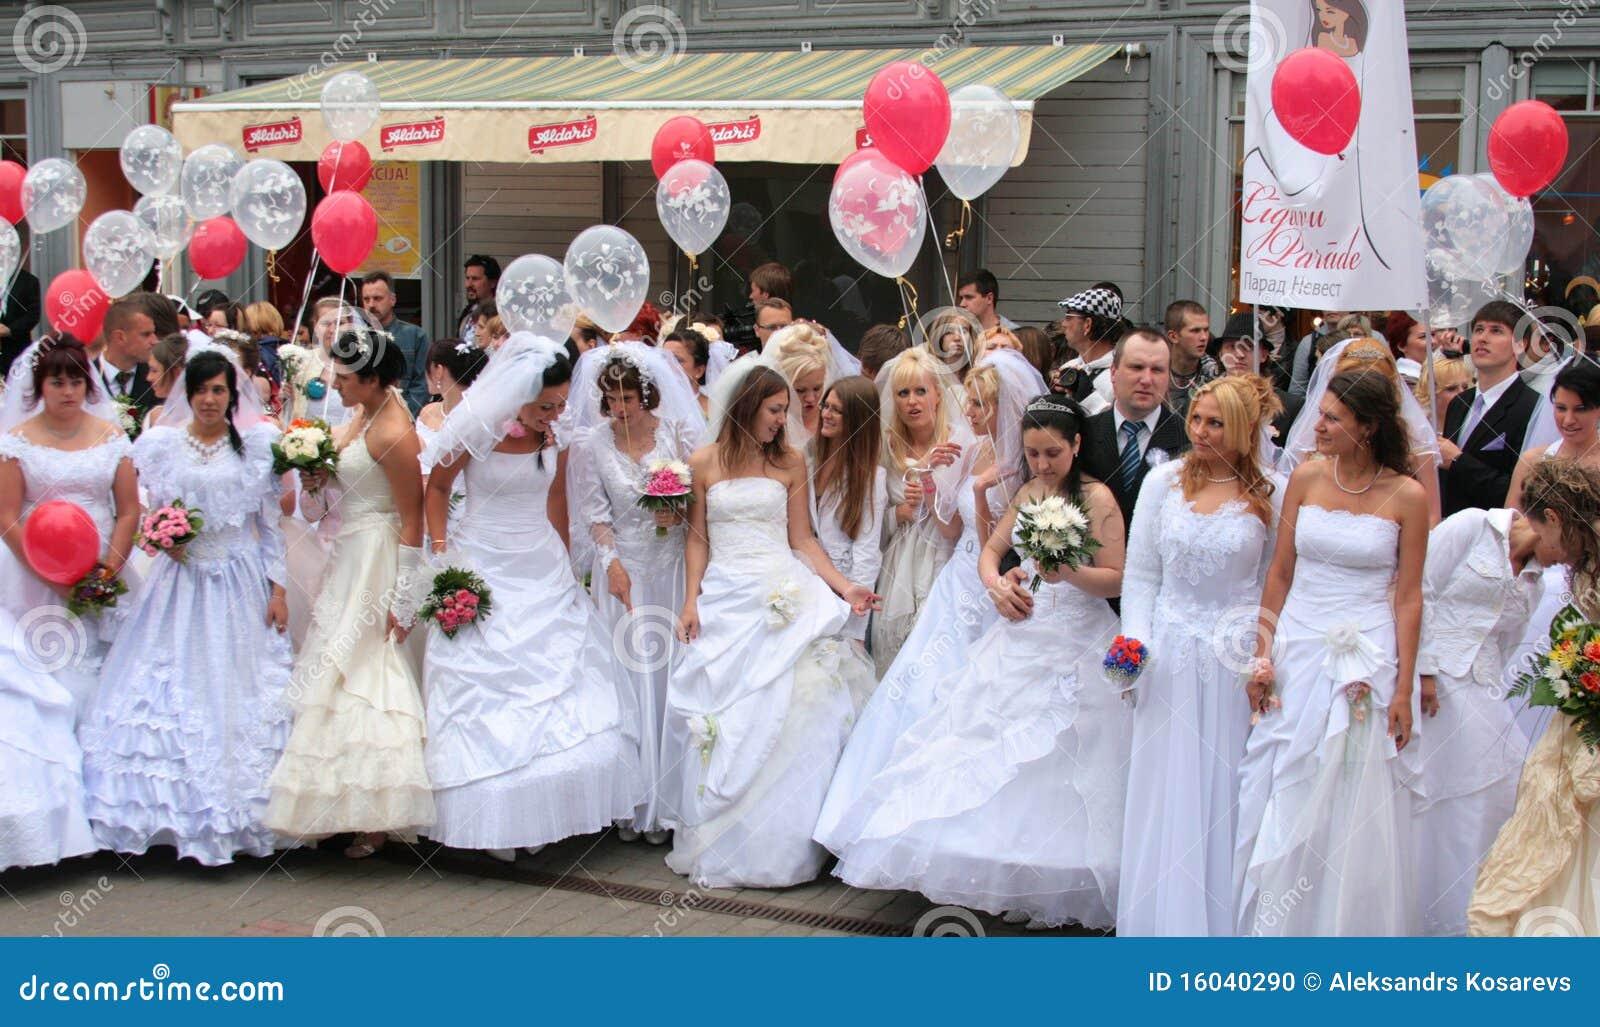 Brides parade 2010